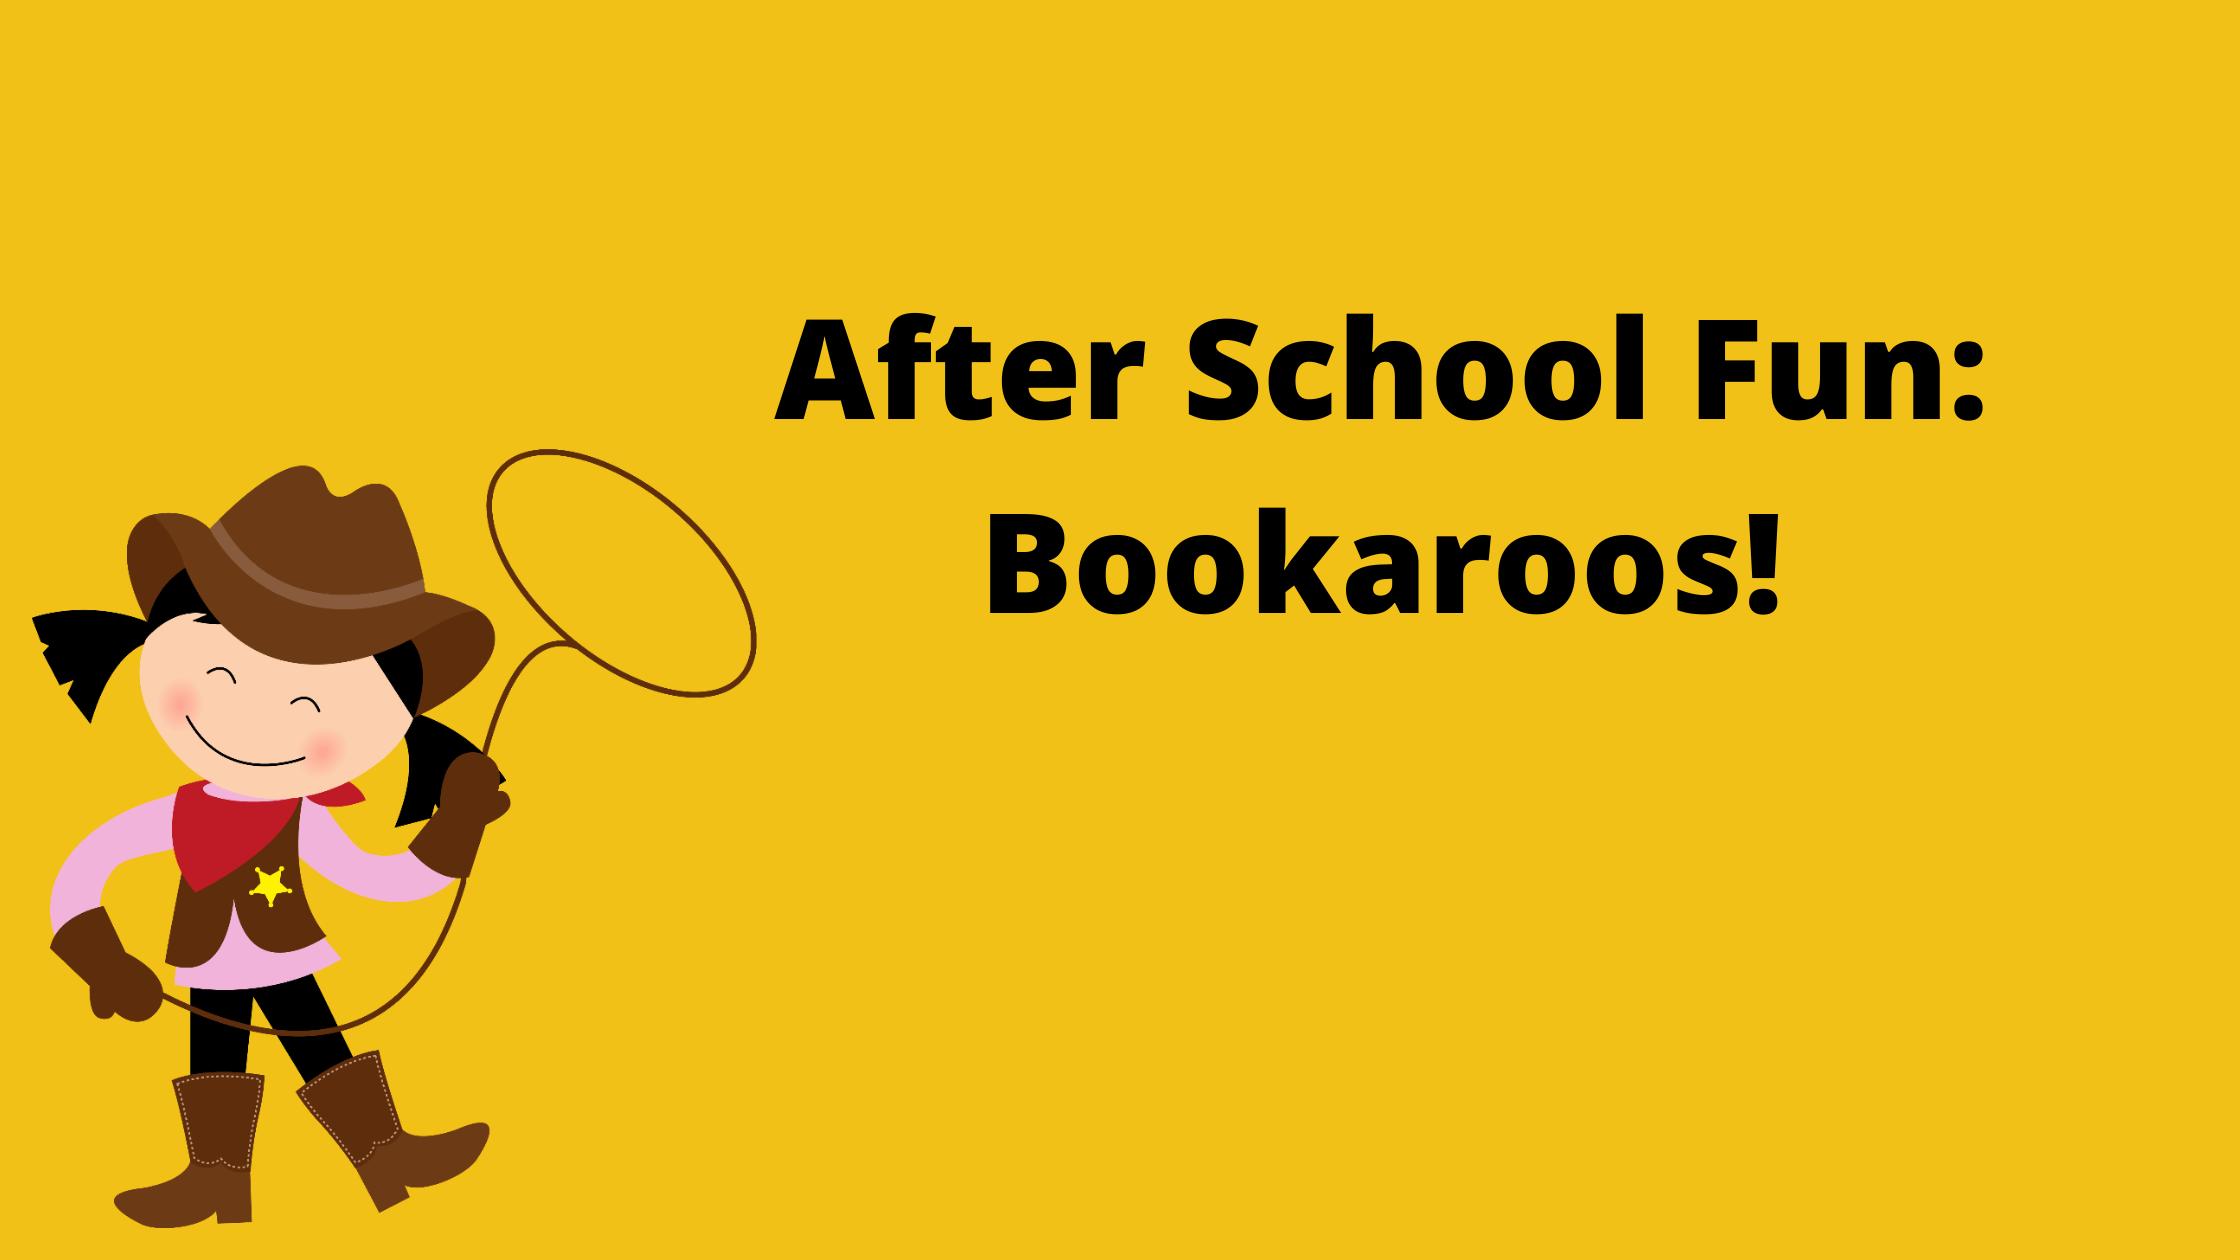 After School Fun: Bookaroos!